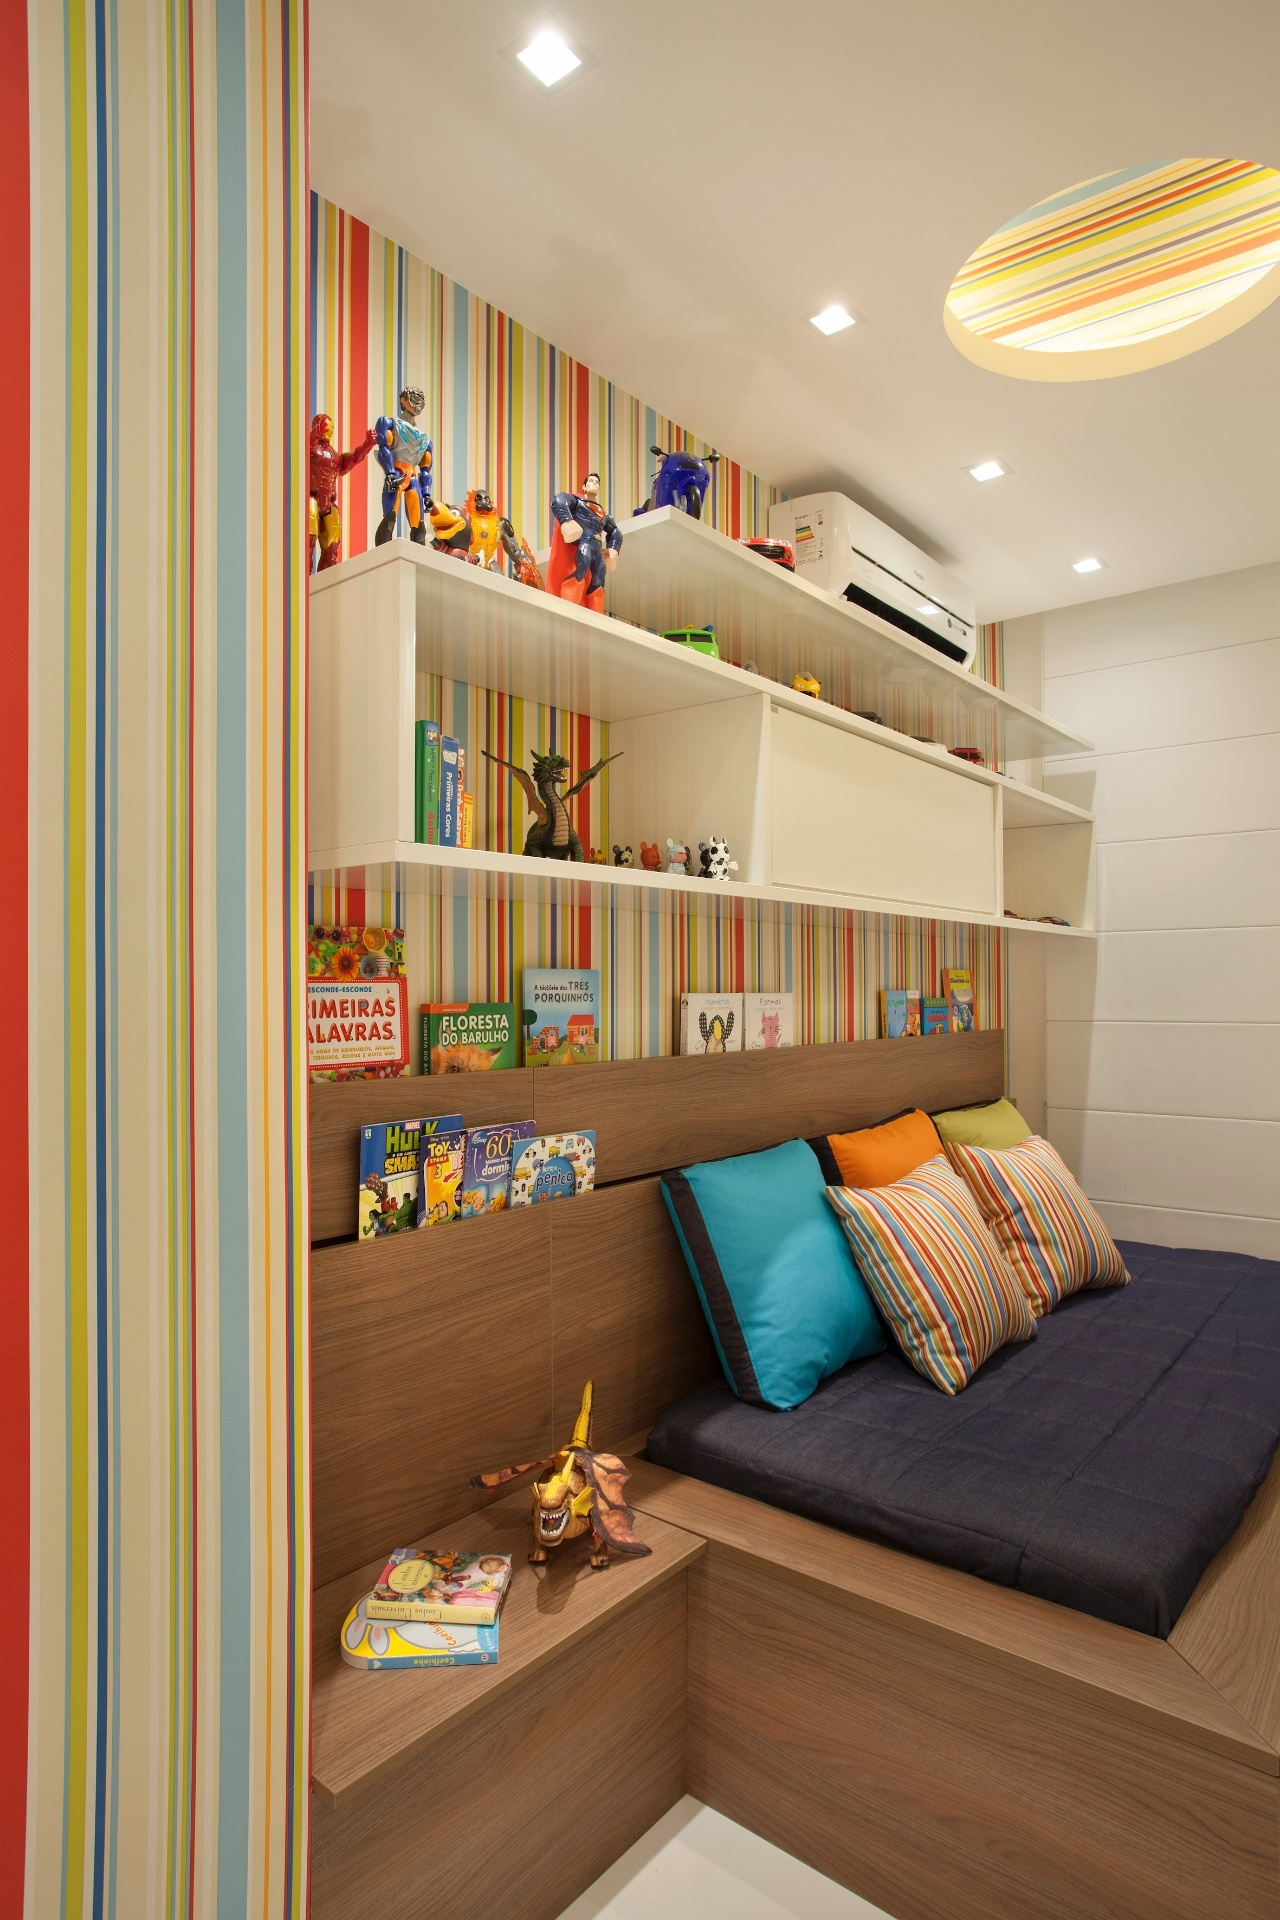 No quarto de menino, projetado por Claudia Pimenta e Patricia Franco, a cabeceira em madeira, integrada à cama, tem duas aberturas que auxiliam na organização dos livros e revistas. A cama foi desenhada pela dupla e executada em marcenaria, com encaixe para embutir o colchão